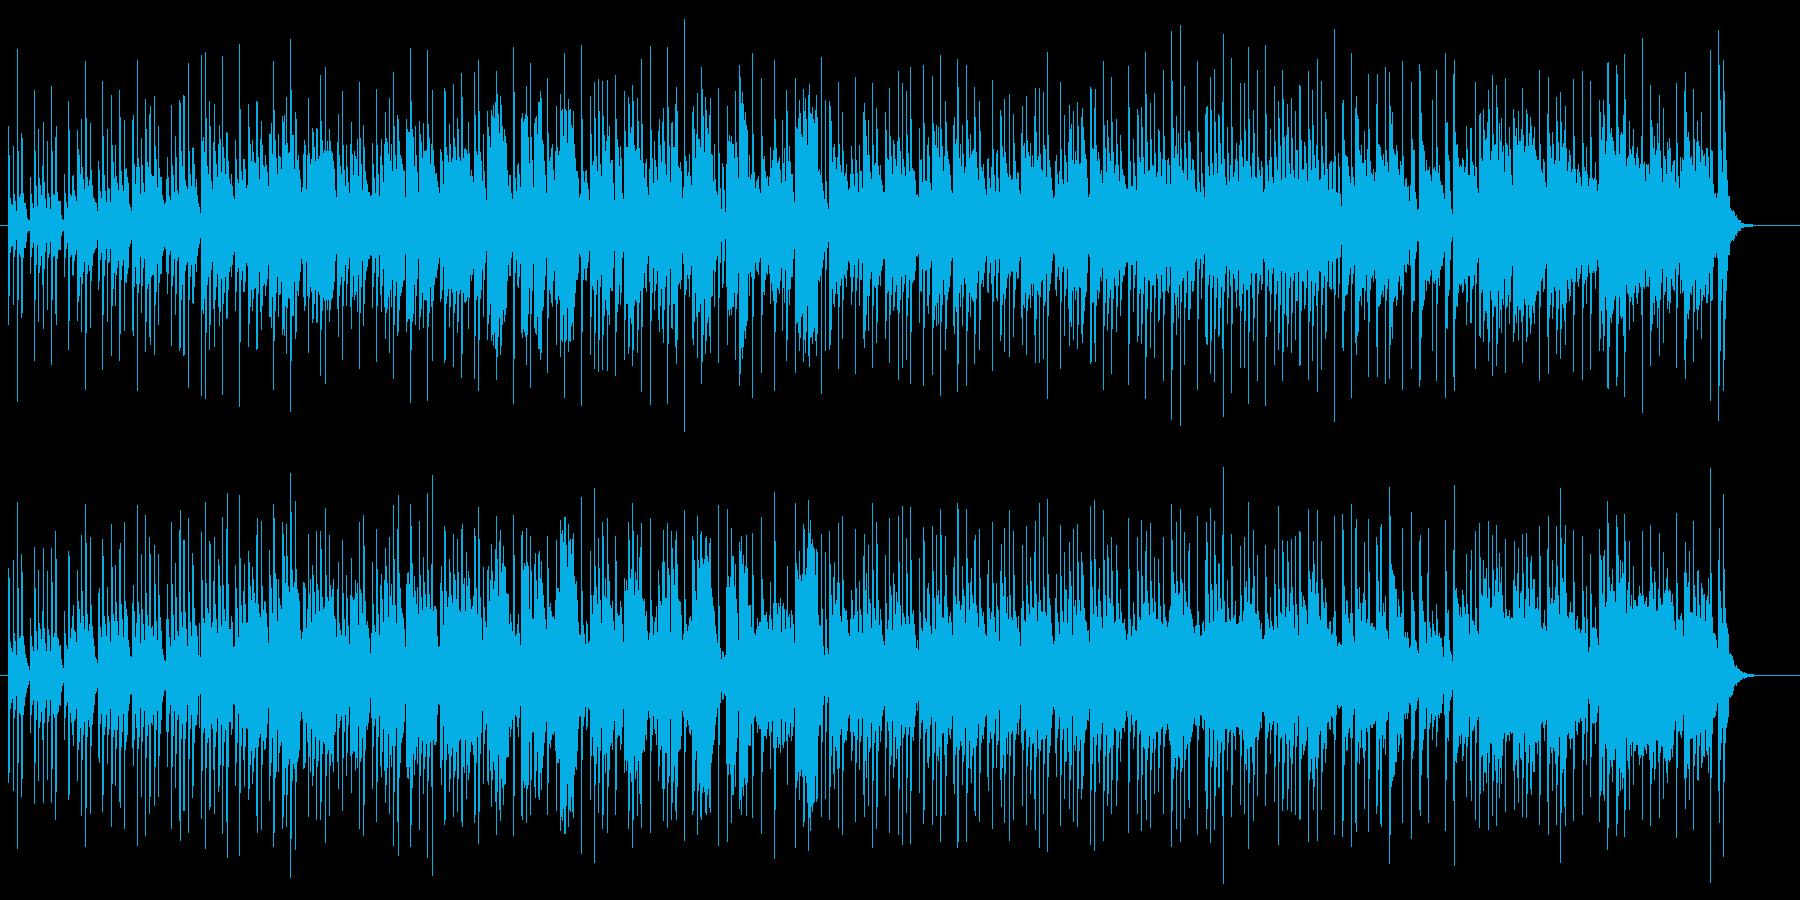 明るくてオーソドックス感のあるポップ曲の再生済みの波形